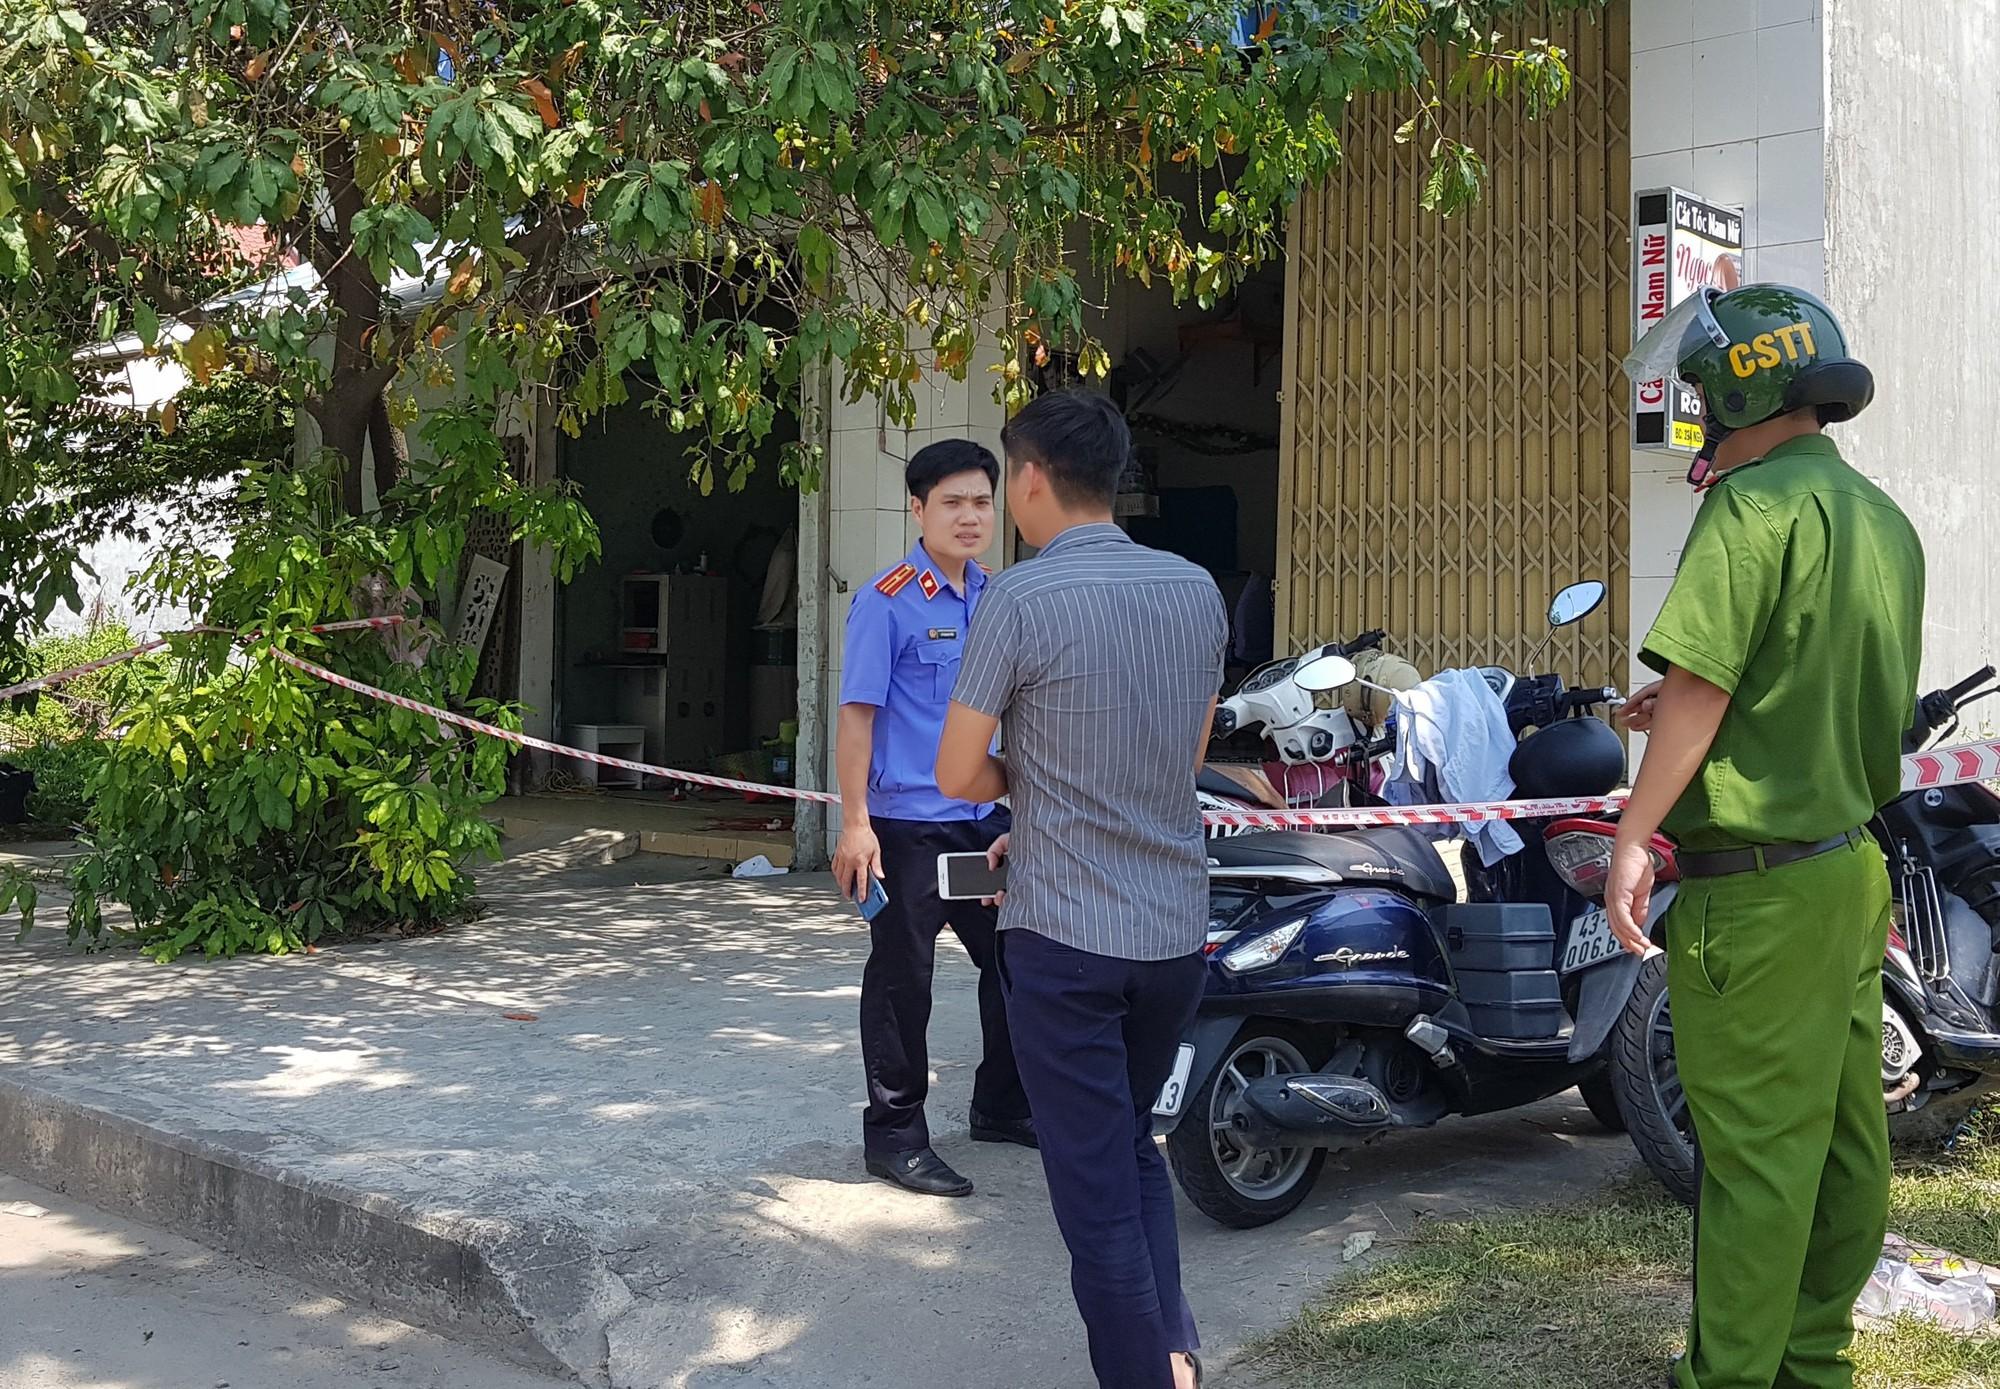 NÓNG: Cướp táo tợn giữa ban ngày ở Đà Nẵng, cụ bà 71 tuổi tử vong, cô gái trẻ nguy kịch-3